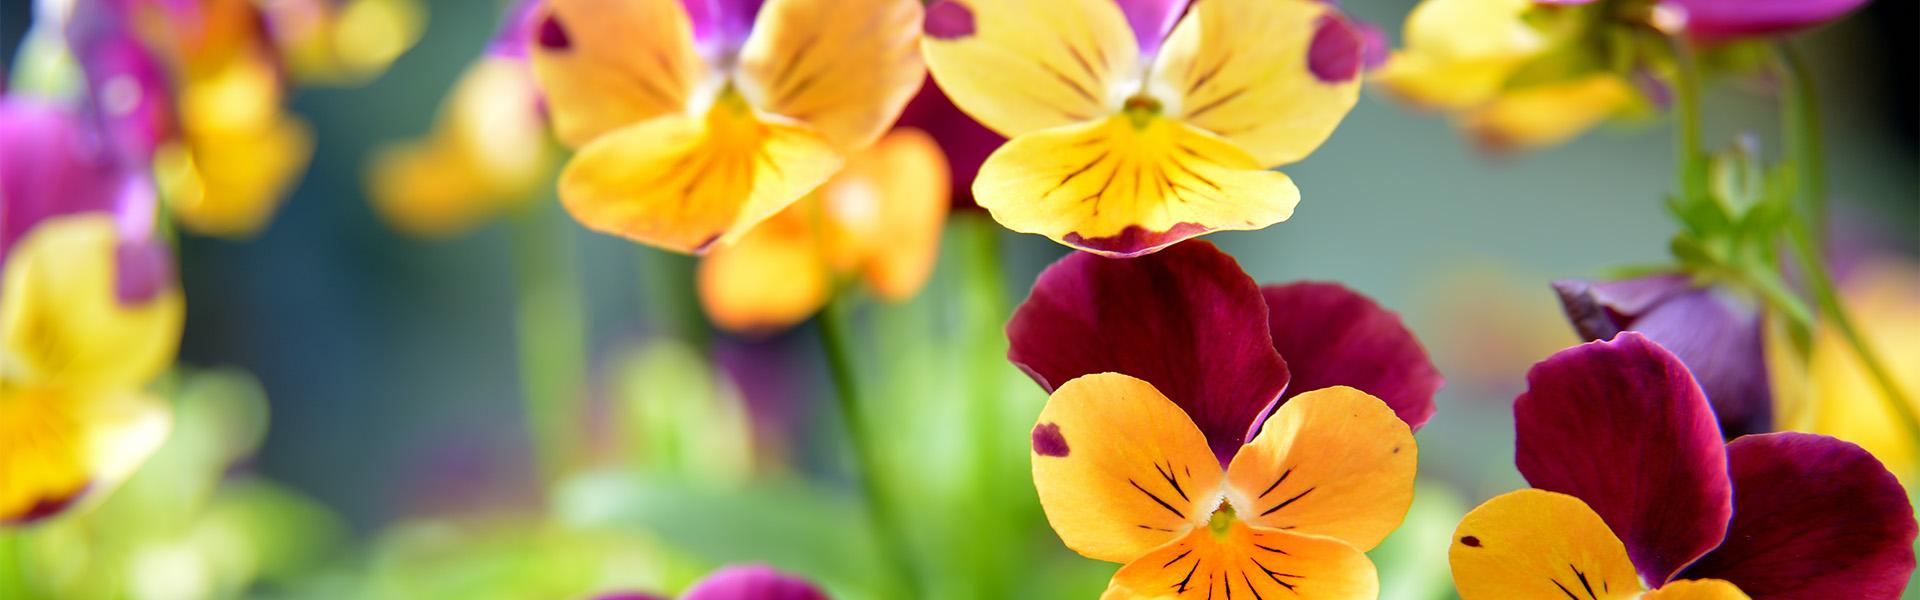 """<p data-aos=fade-up style=""""text-align:center""""><strong>Nechte se okouzlit něžnou krásou macešek</strong></p>  <p data-aos=fade-up style=""""text-align:center"""">v zahradnictví blízko Vás</p> <p data-aos=fade-up><a href=""""https://www.zahradaflora.cz/sezonni-rostliny"""">Více zde</a></p>"""